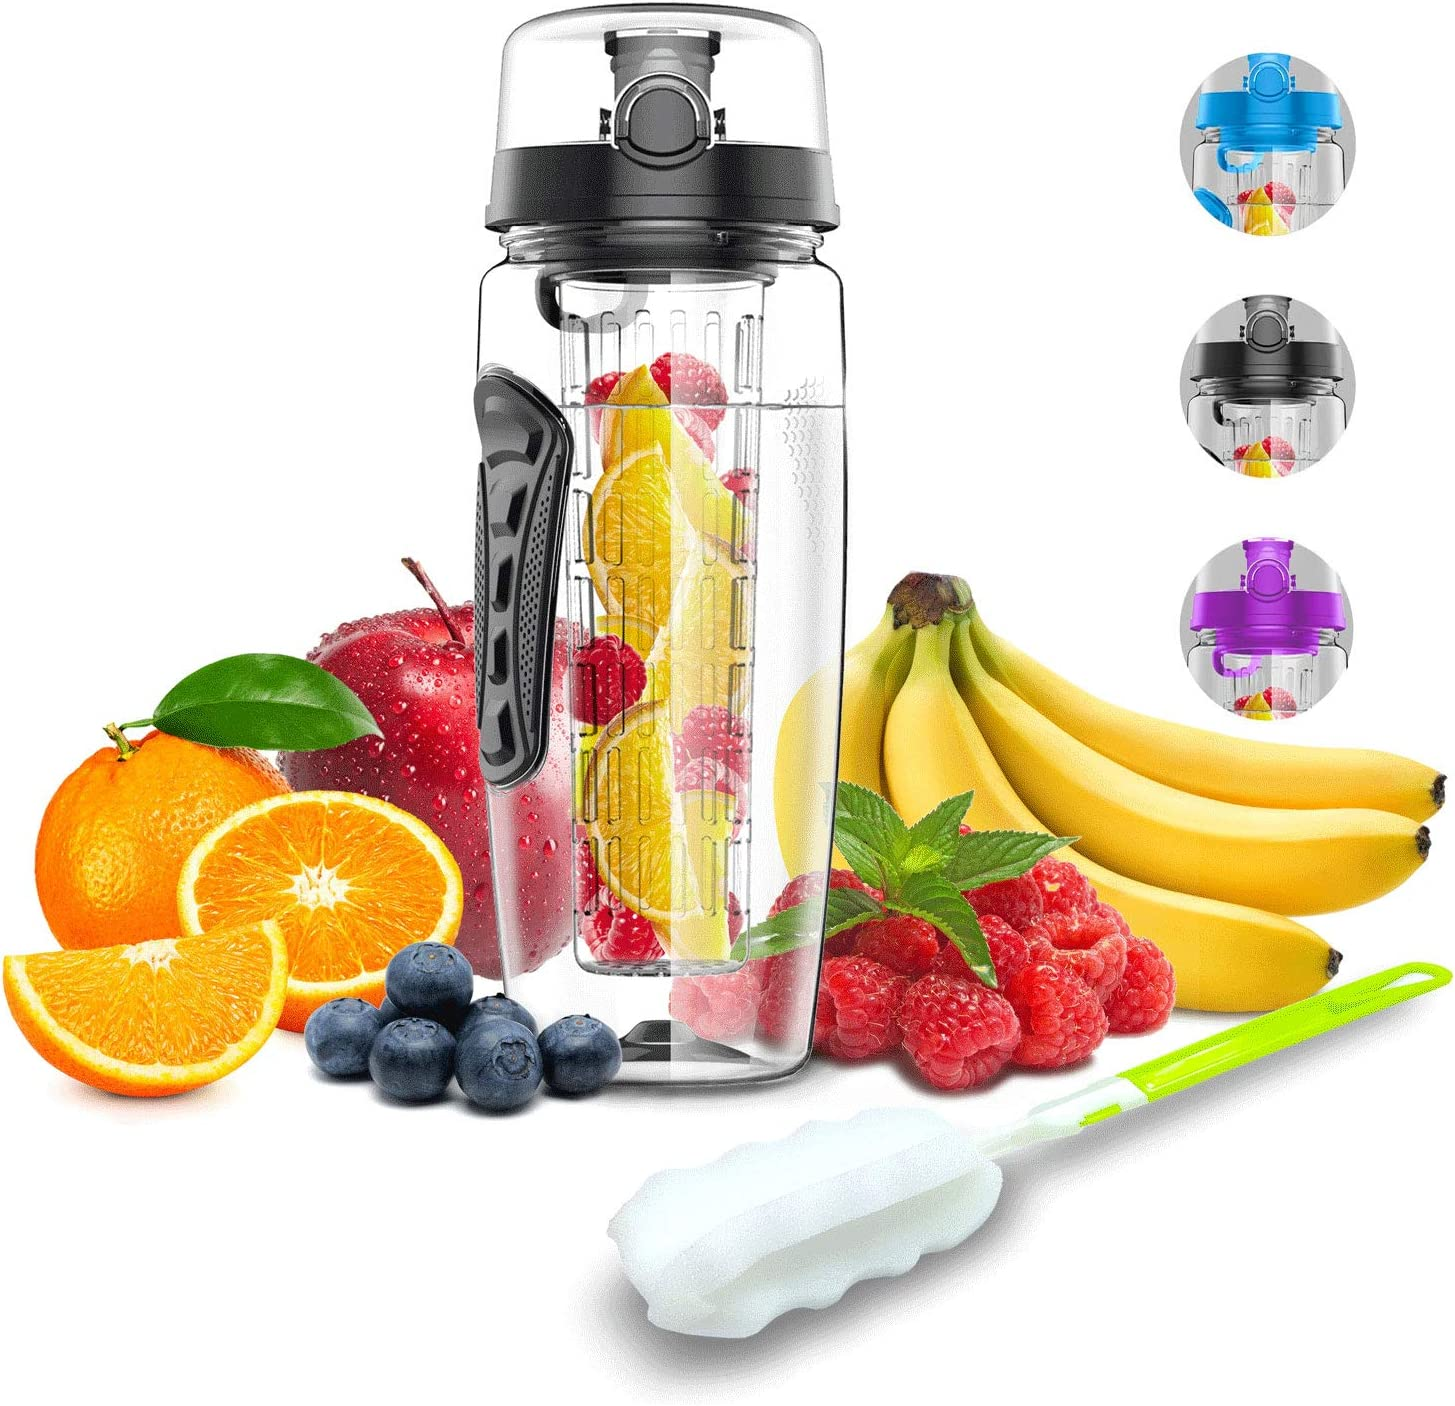 Babacom Botella Agua con Filtro infusor para Fruta 1Litro100% sin BPA Ideal para Oficina, Gimnasio, Yoga, Bici, Incluye un Cepillo de Limpieza